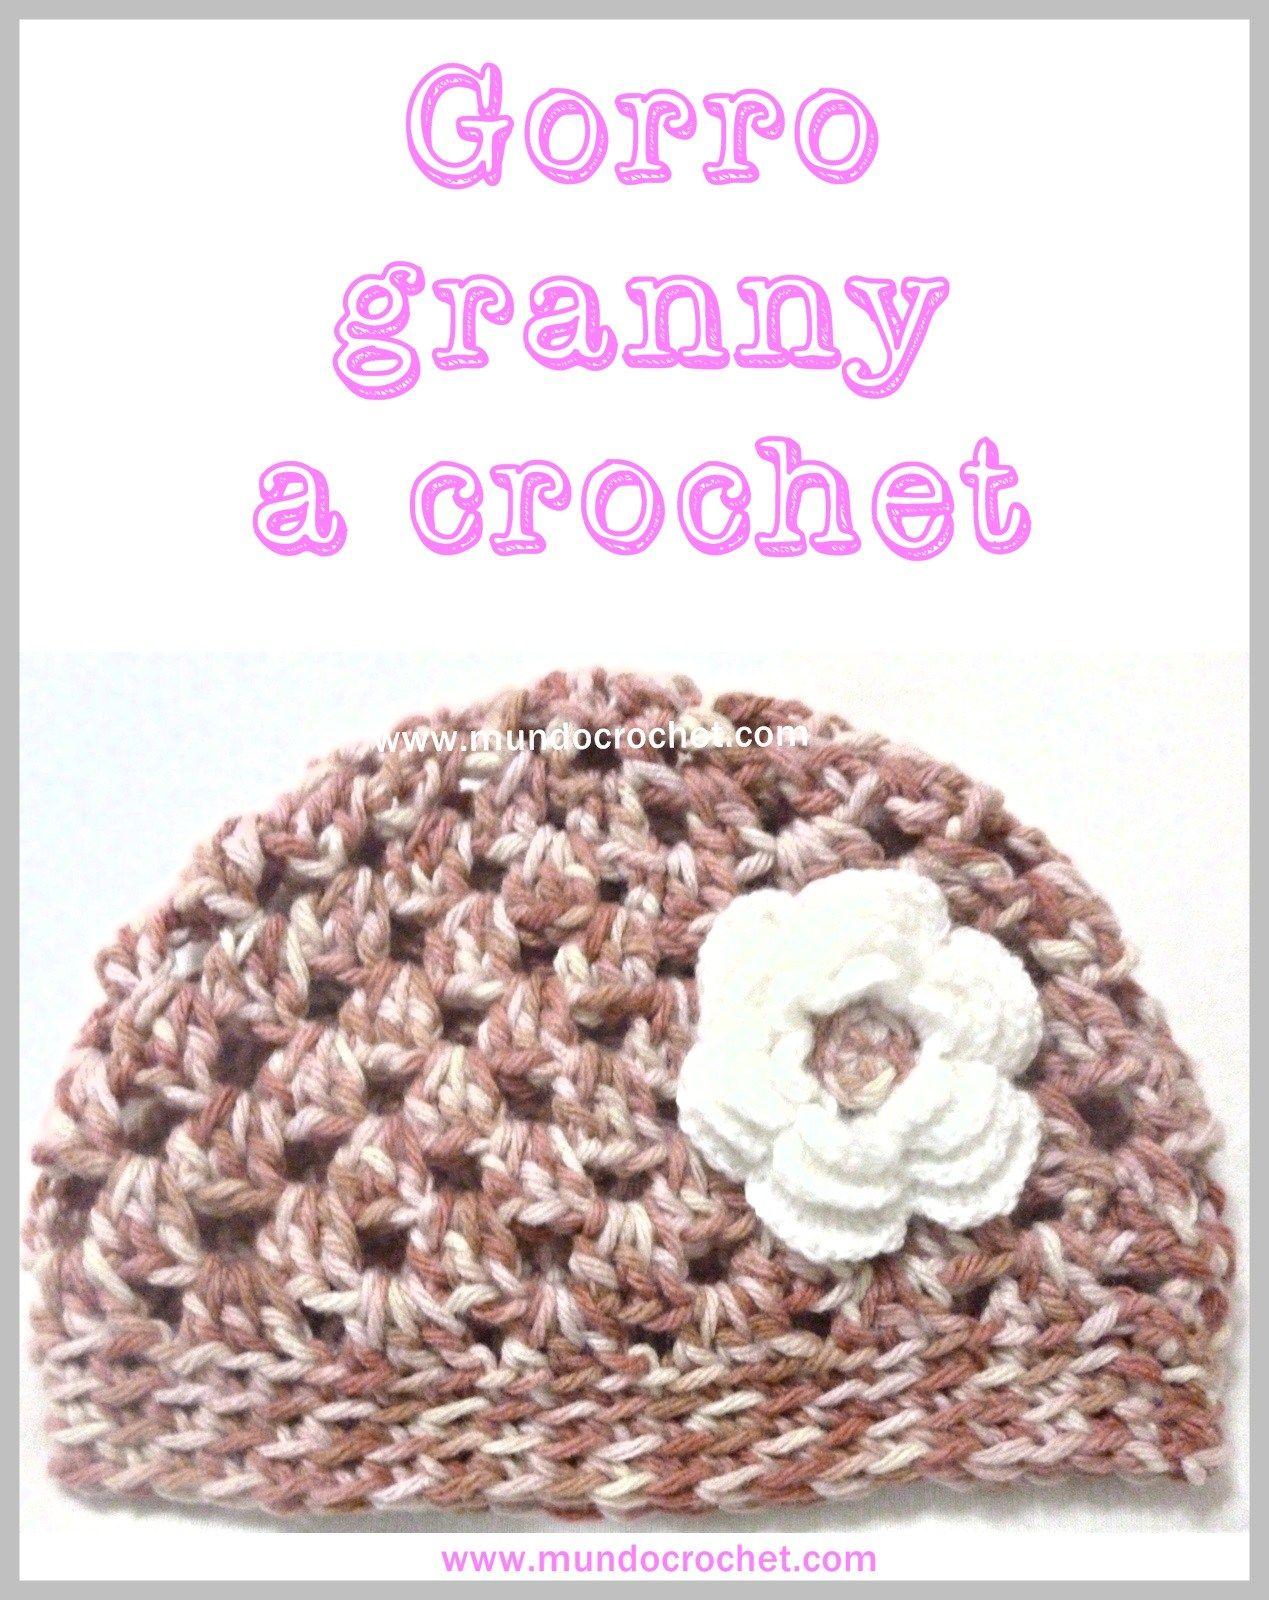 Patron gorro granny a crochet o ganchillo | Bebe- punto | Pinterest ...